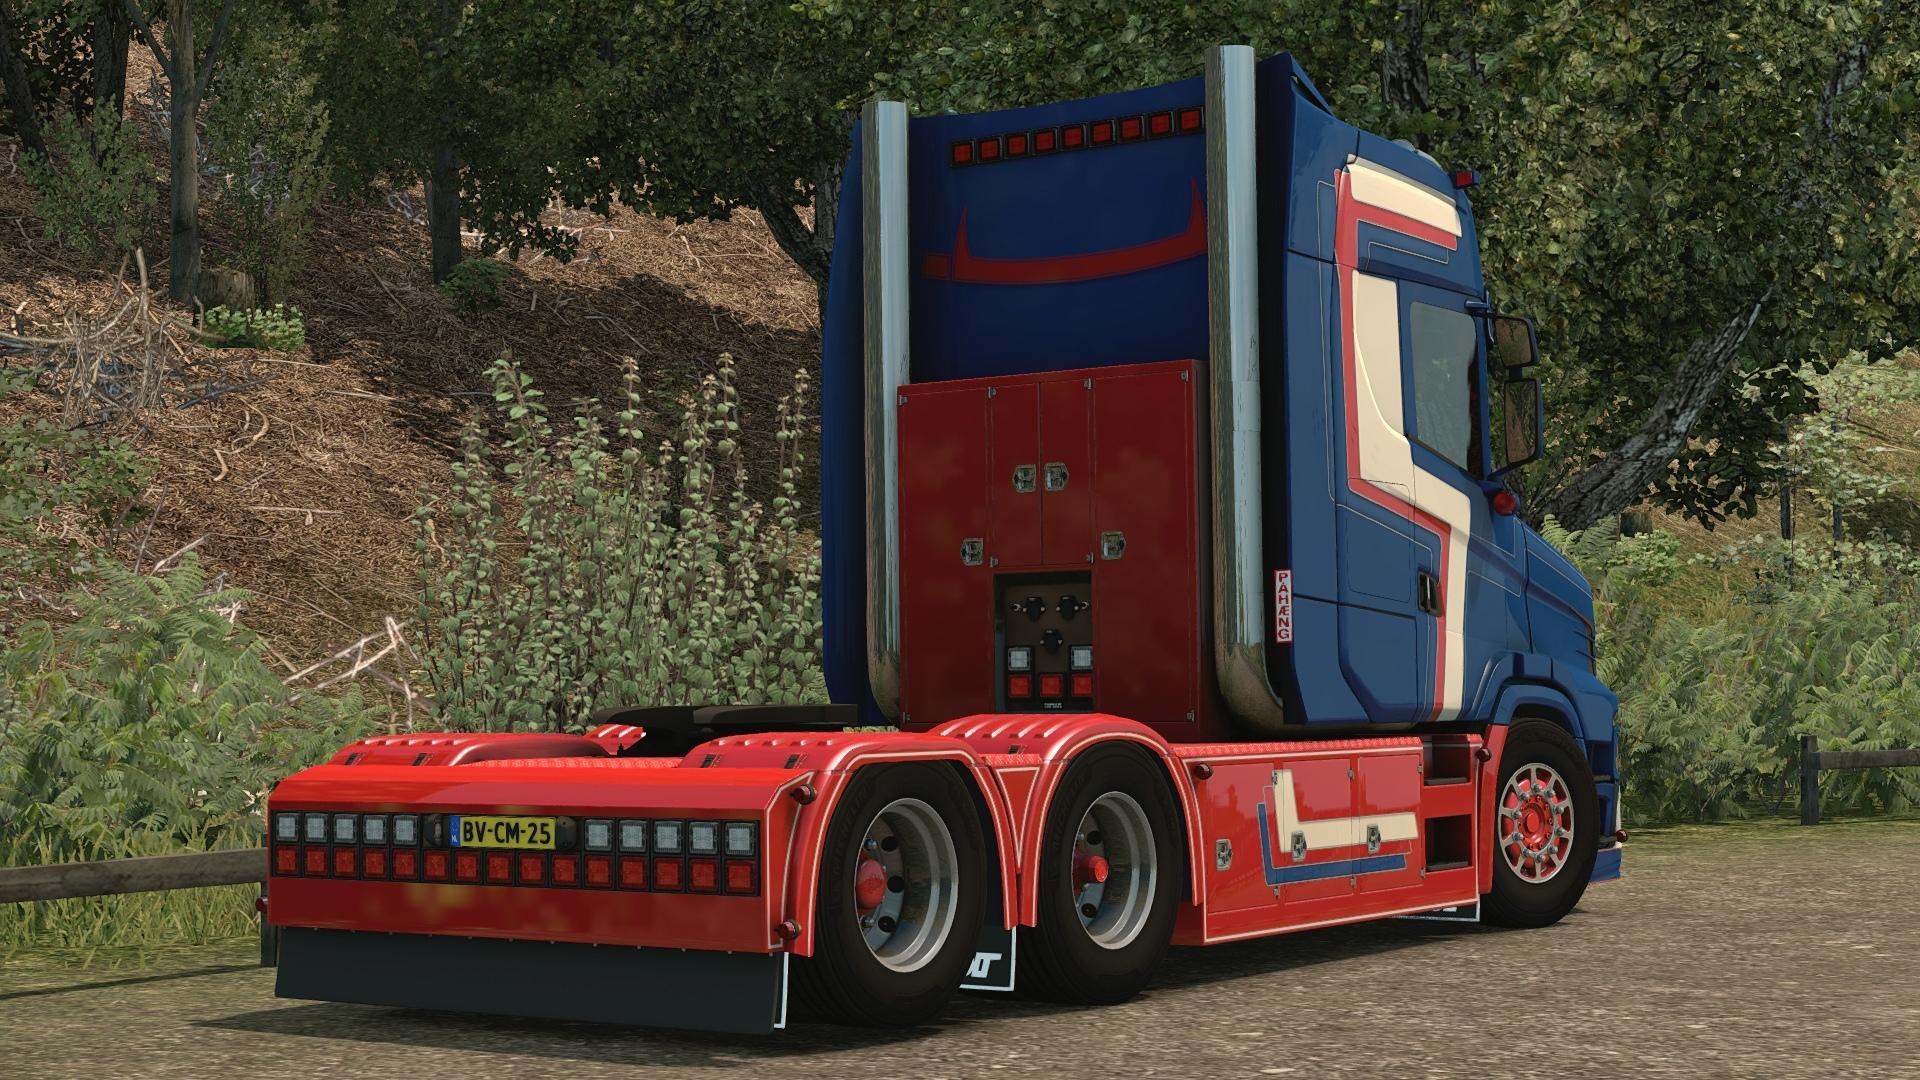 SCANIA TORPEDO 730 NEXTGEN 1 33 X TRUCK MOD -Euro Truck